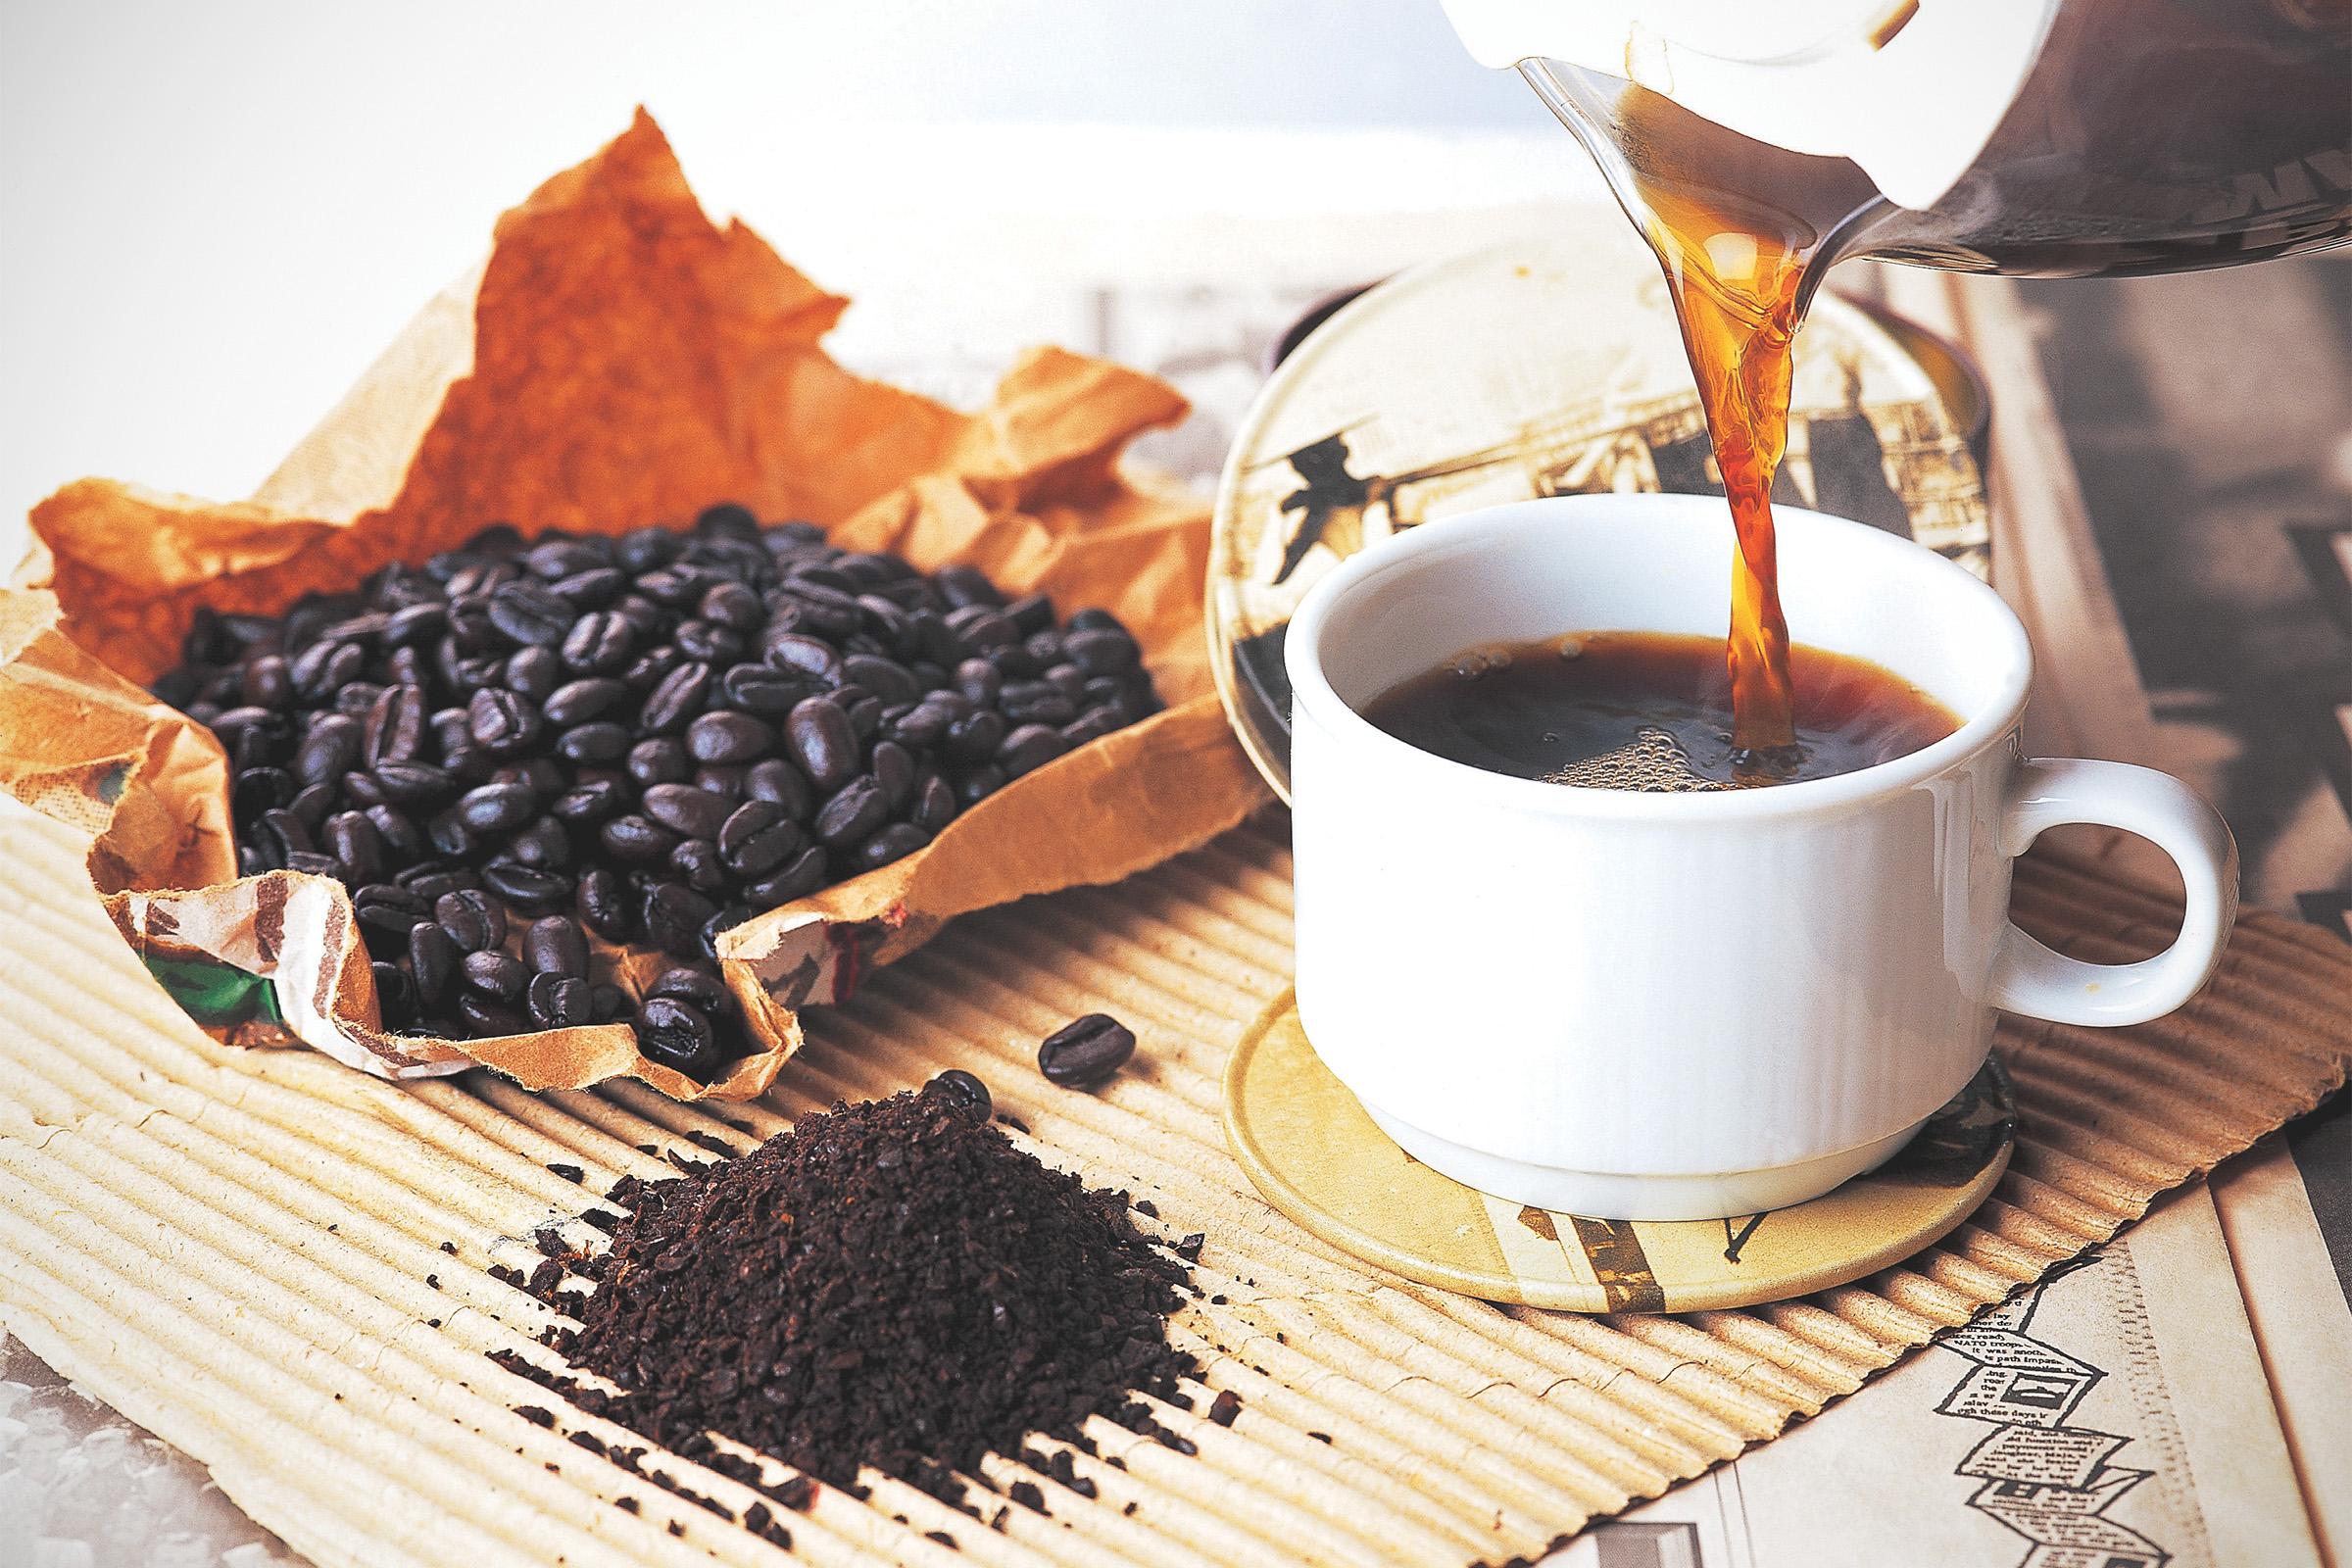 segíthet a koffein a zsírégetésben